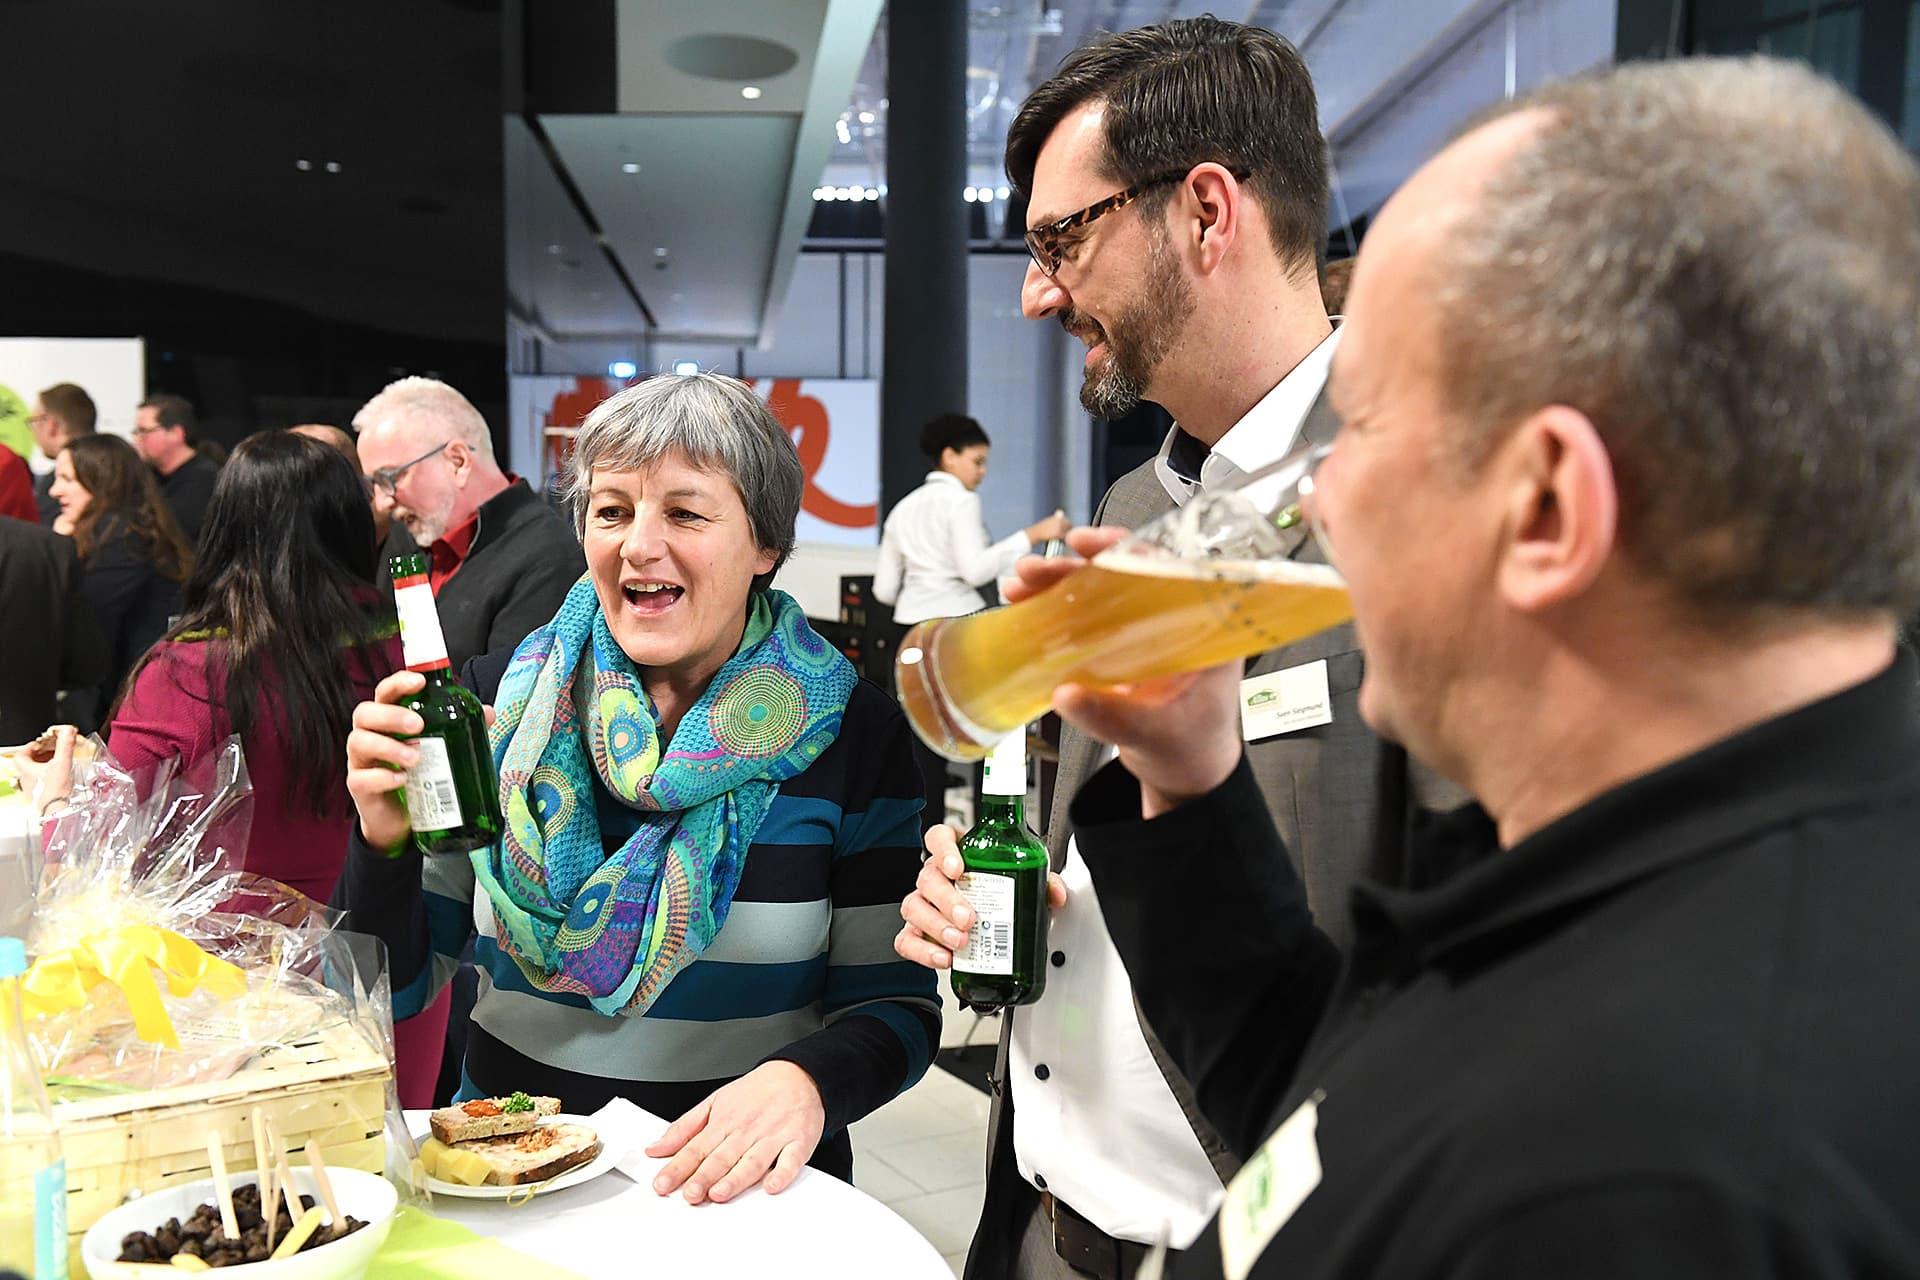 Angeregtes Tischgespräch mit Eva Kiene von Rapunzel bei einem Bier nach der Gala.